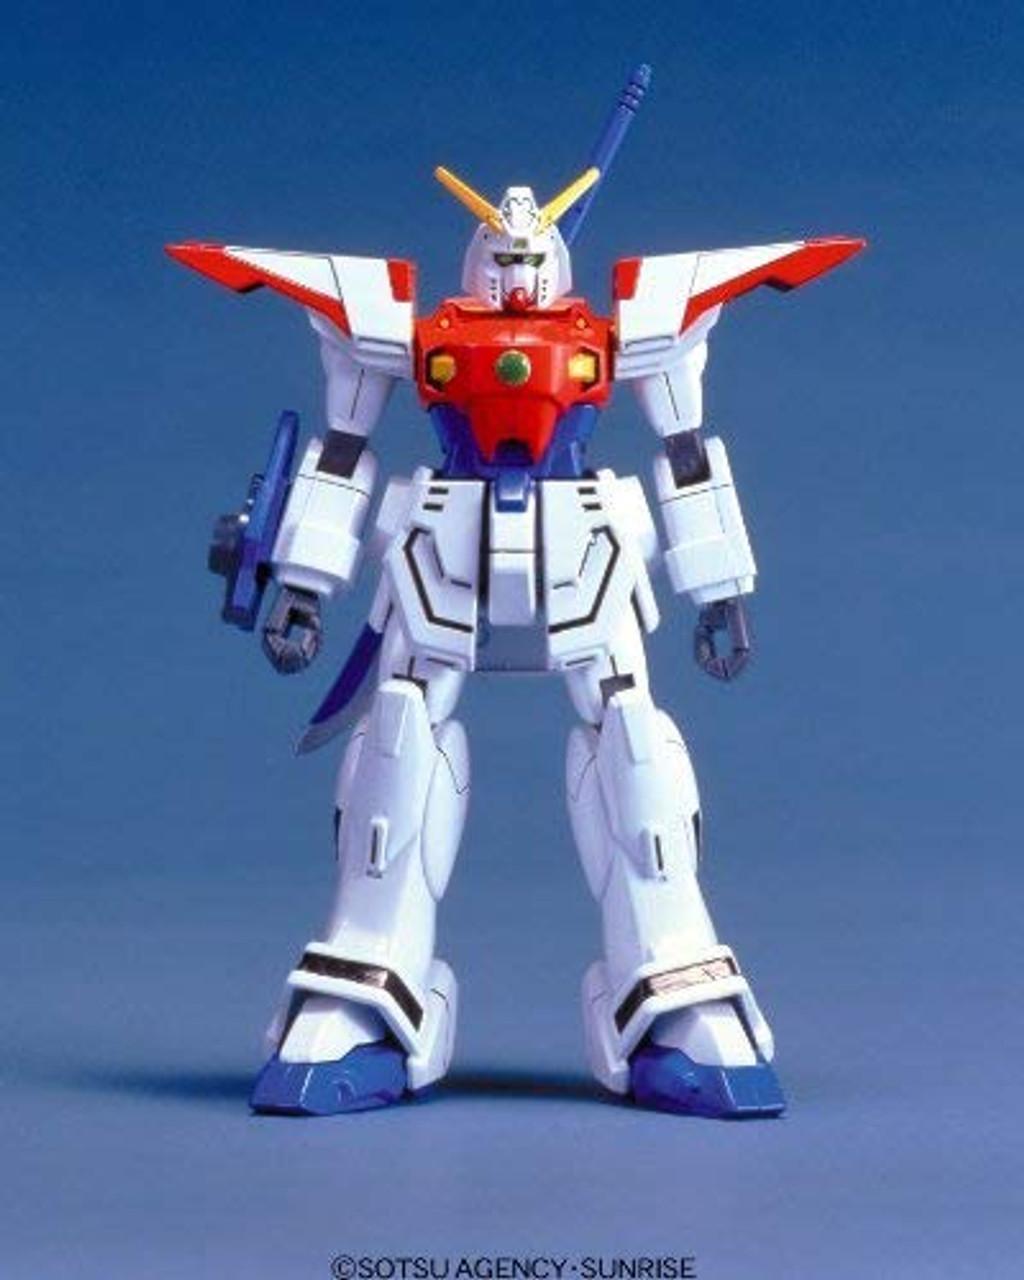 Bandai G Gundam Rising Gundam 1 144 Scale Kit Plazajapan